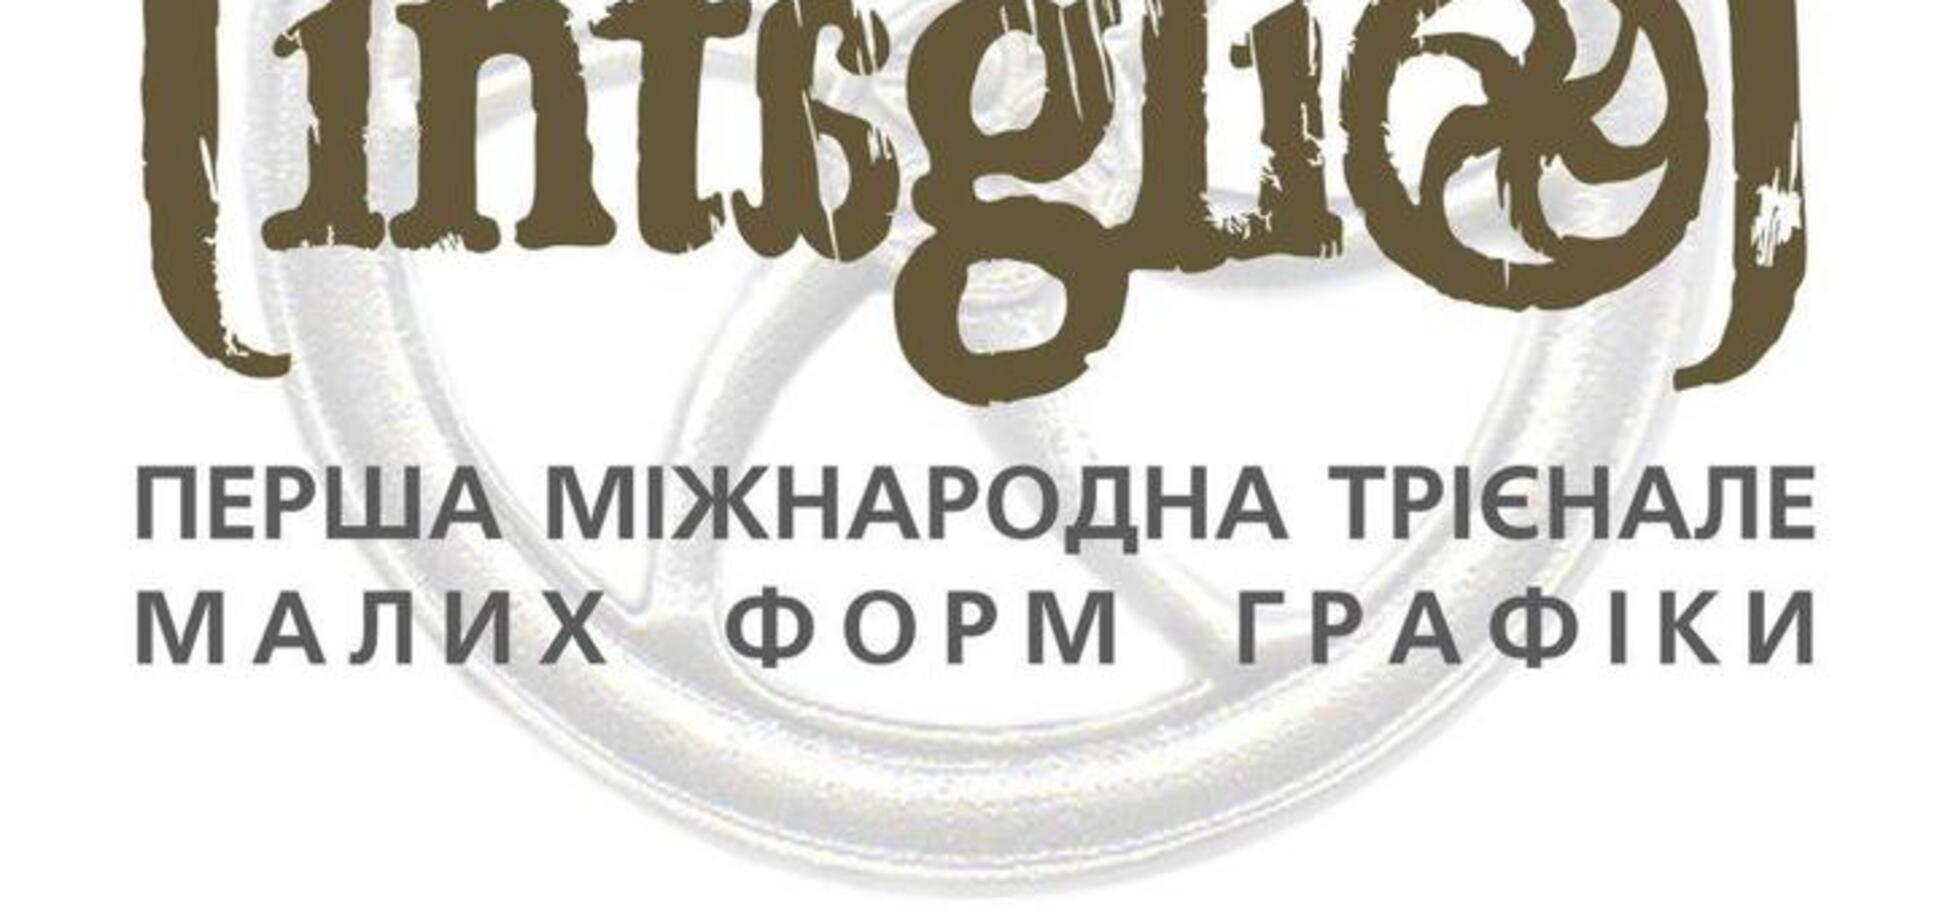 У Львові будуть експонуватися мініатюрні естампи з Трієнале Малих Форм Графіки 'Intaglio'